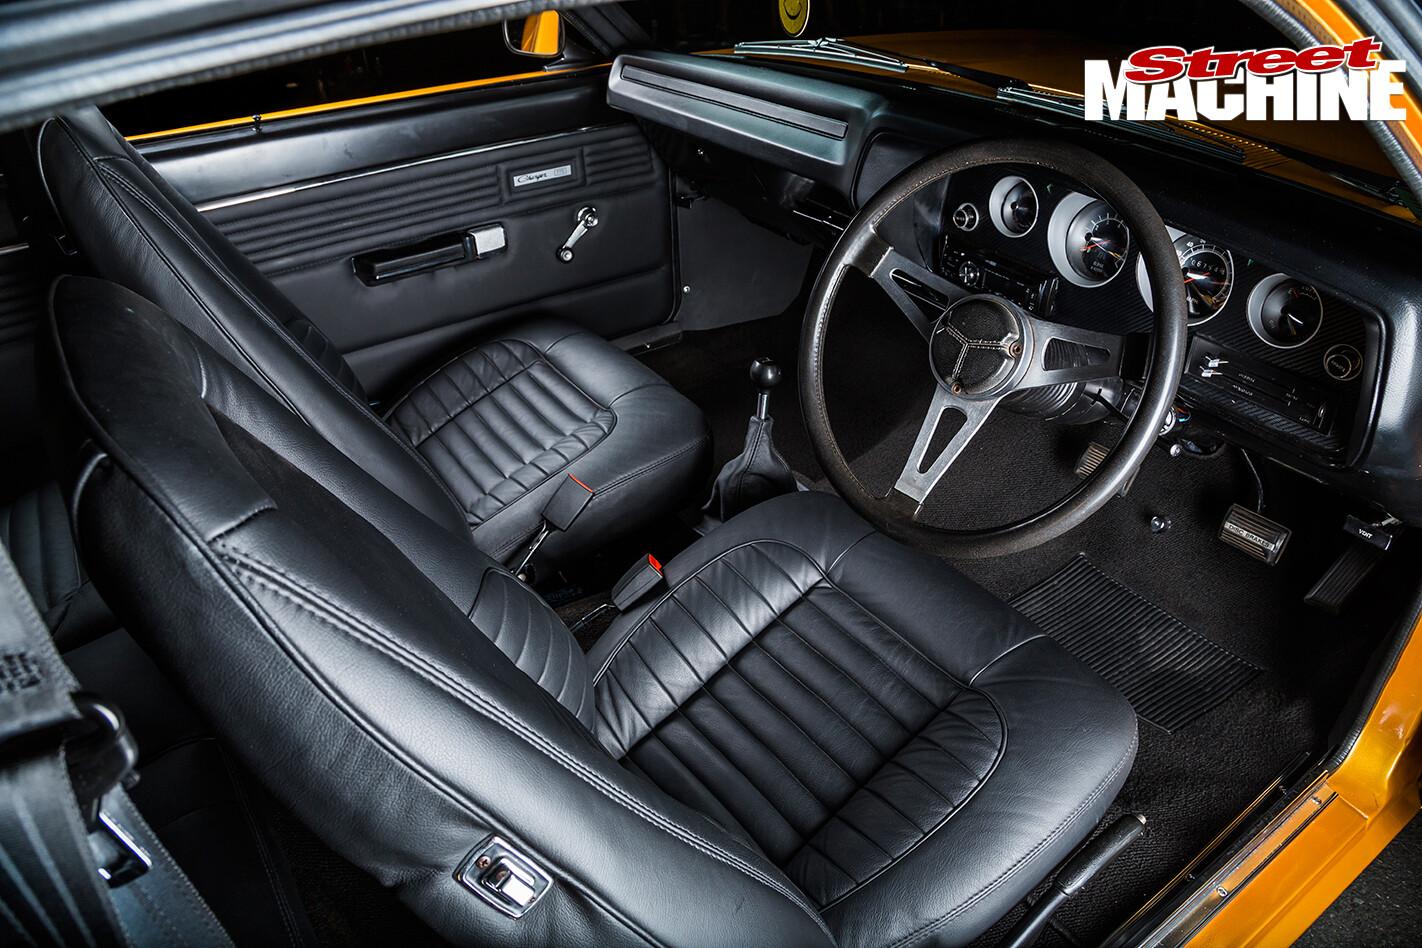 Chrysler -VJ-Charger -interior